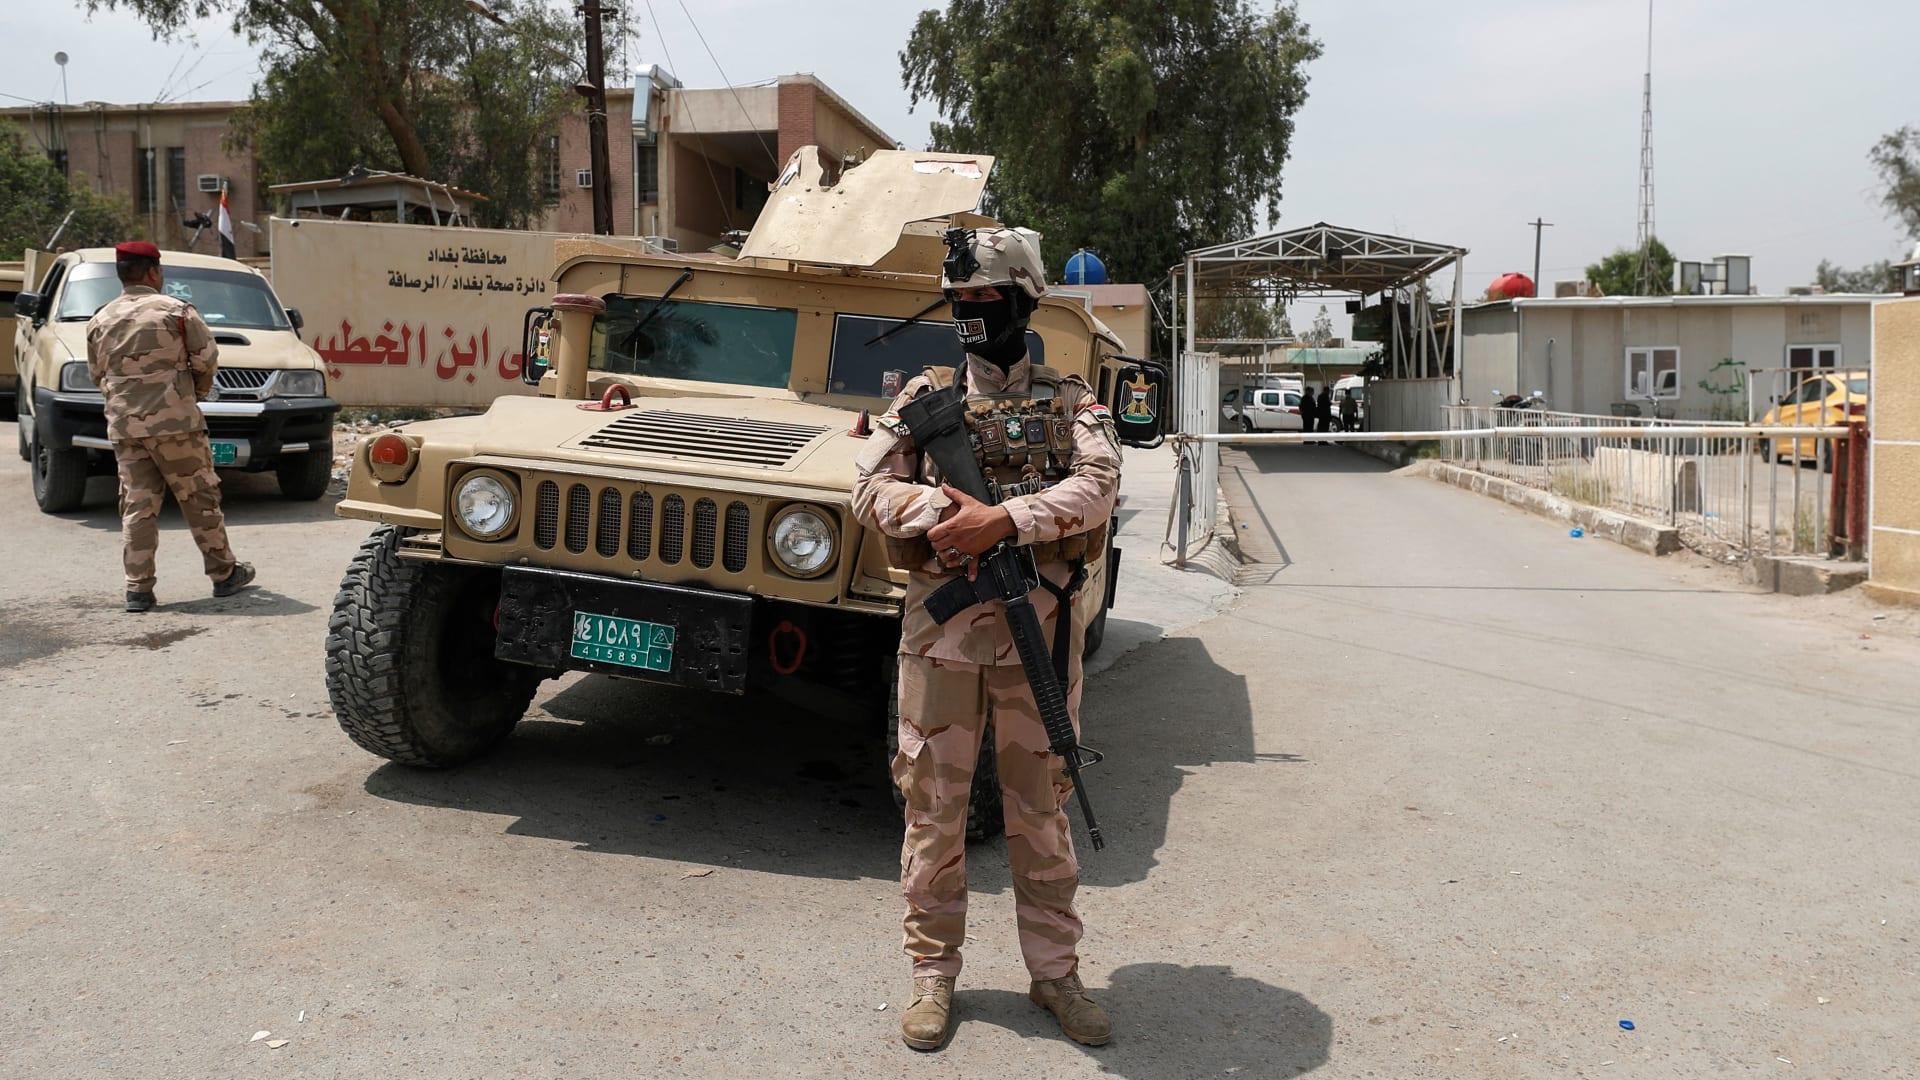 """الكاظمي يقرر """"سحب يد"""" وزير الصحة ومحافظ بغداد وإحالتهما للتحقيق"""